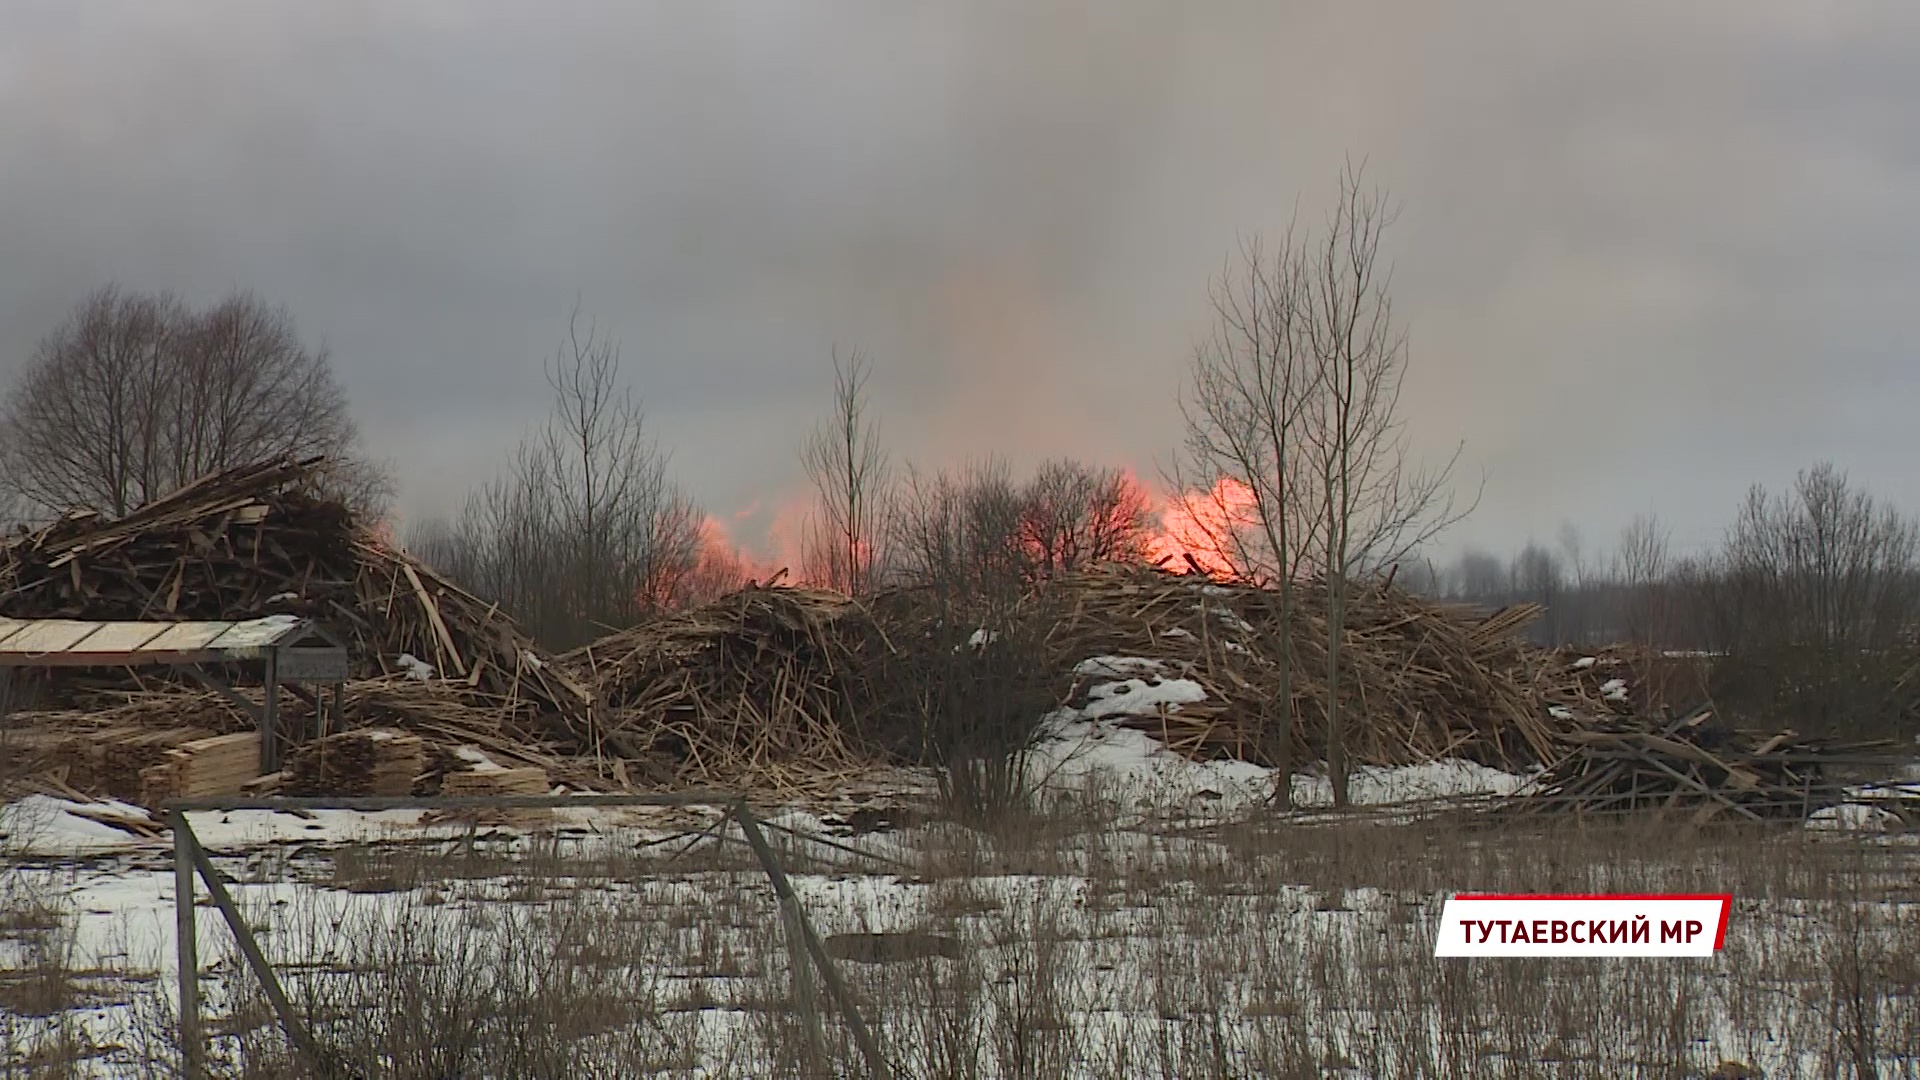 Владельцу лесопилки, который сжигал опилки «по согласованию с МЧС», грозит крупный штраф